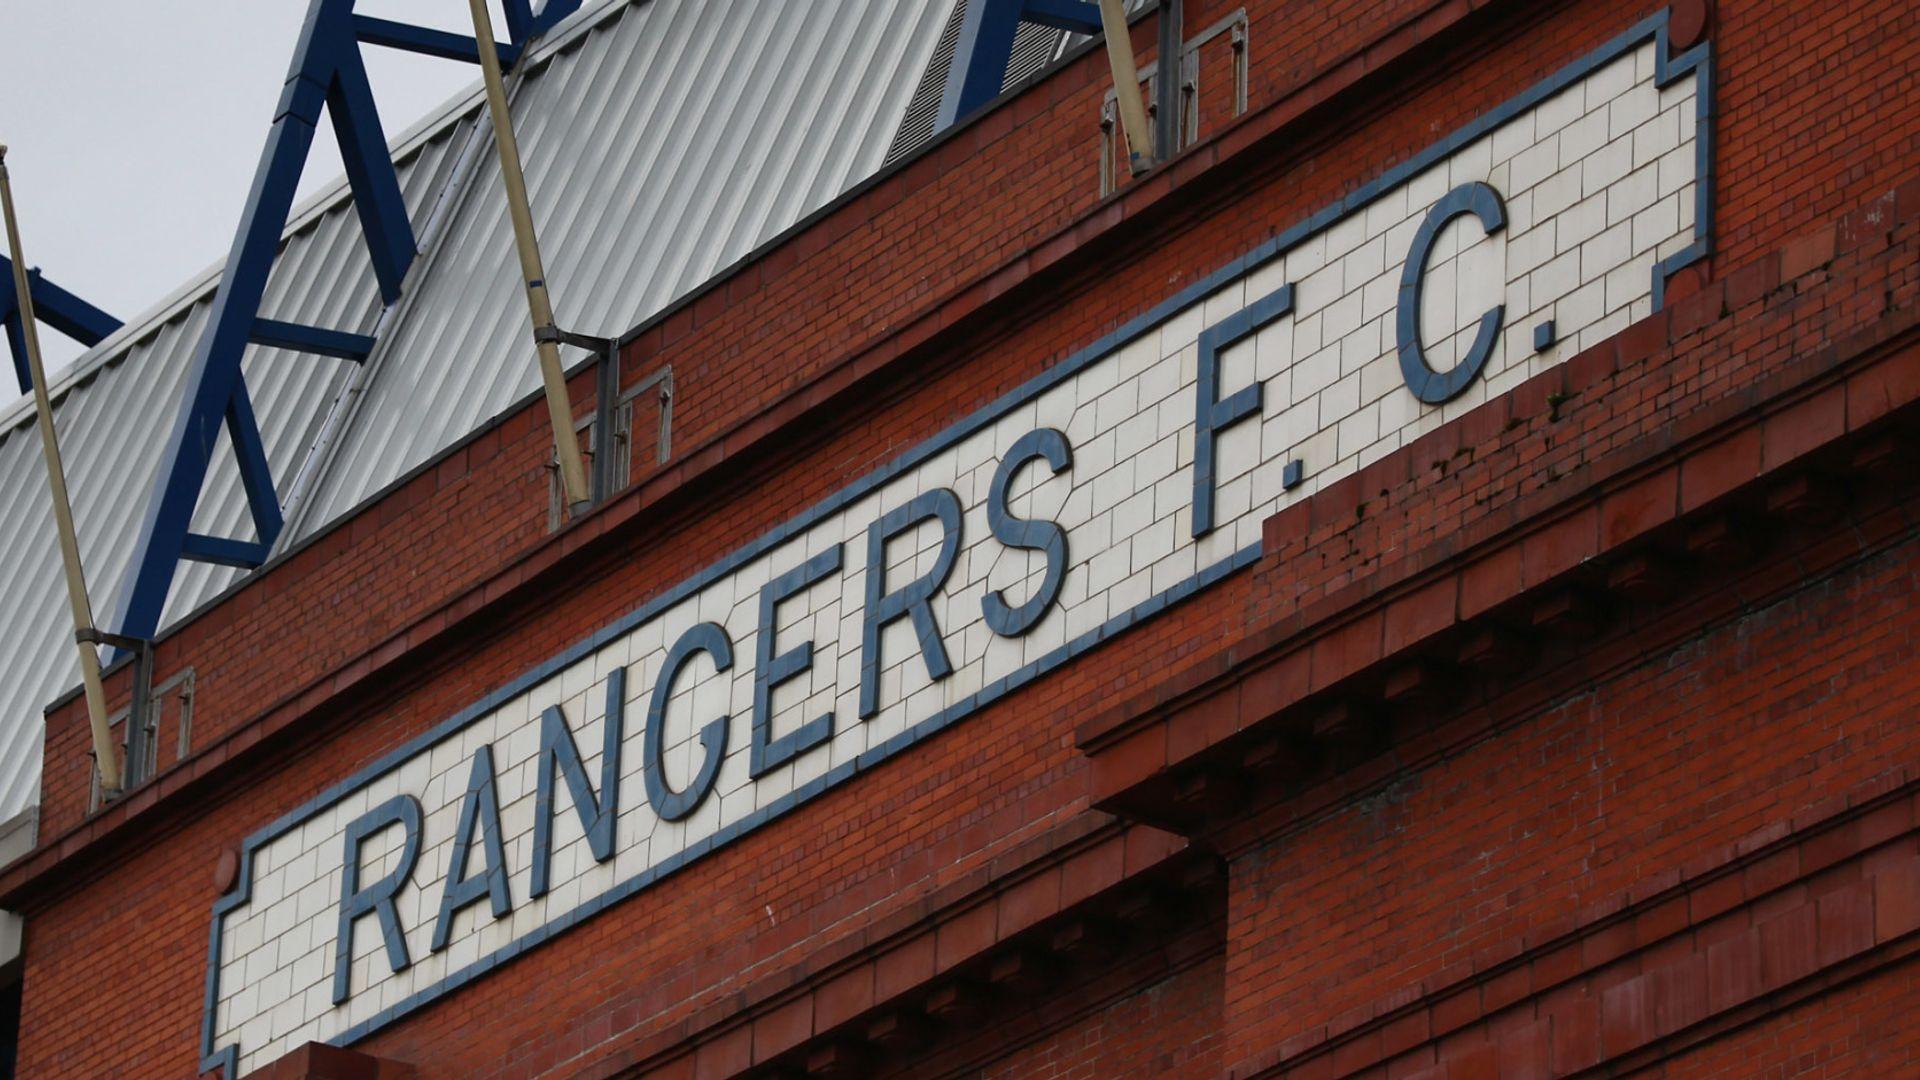 SPFL issues fuller response to Rangers dossier